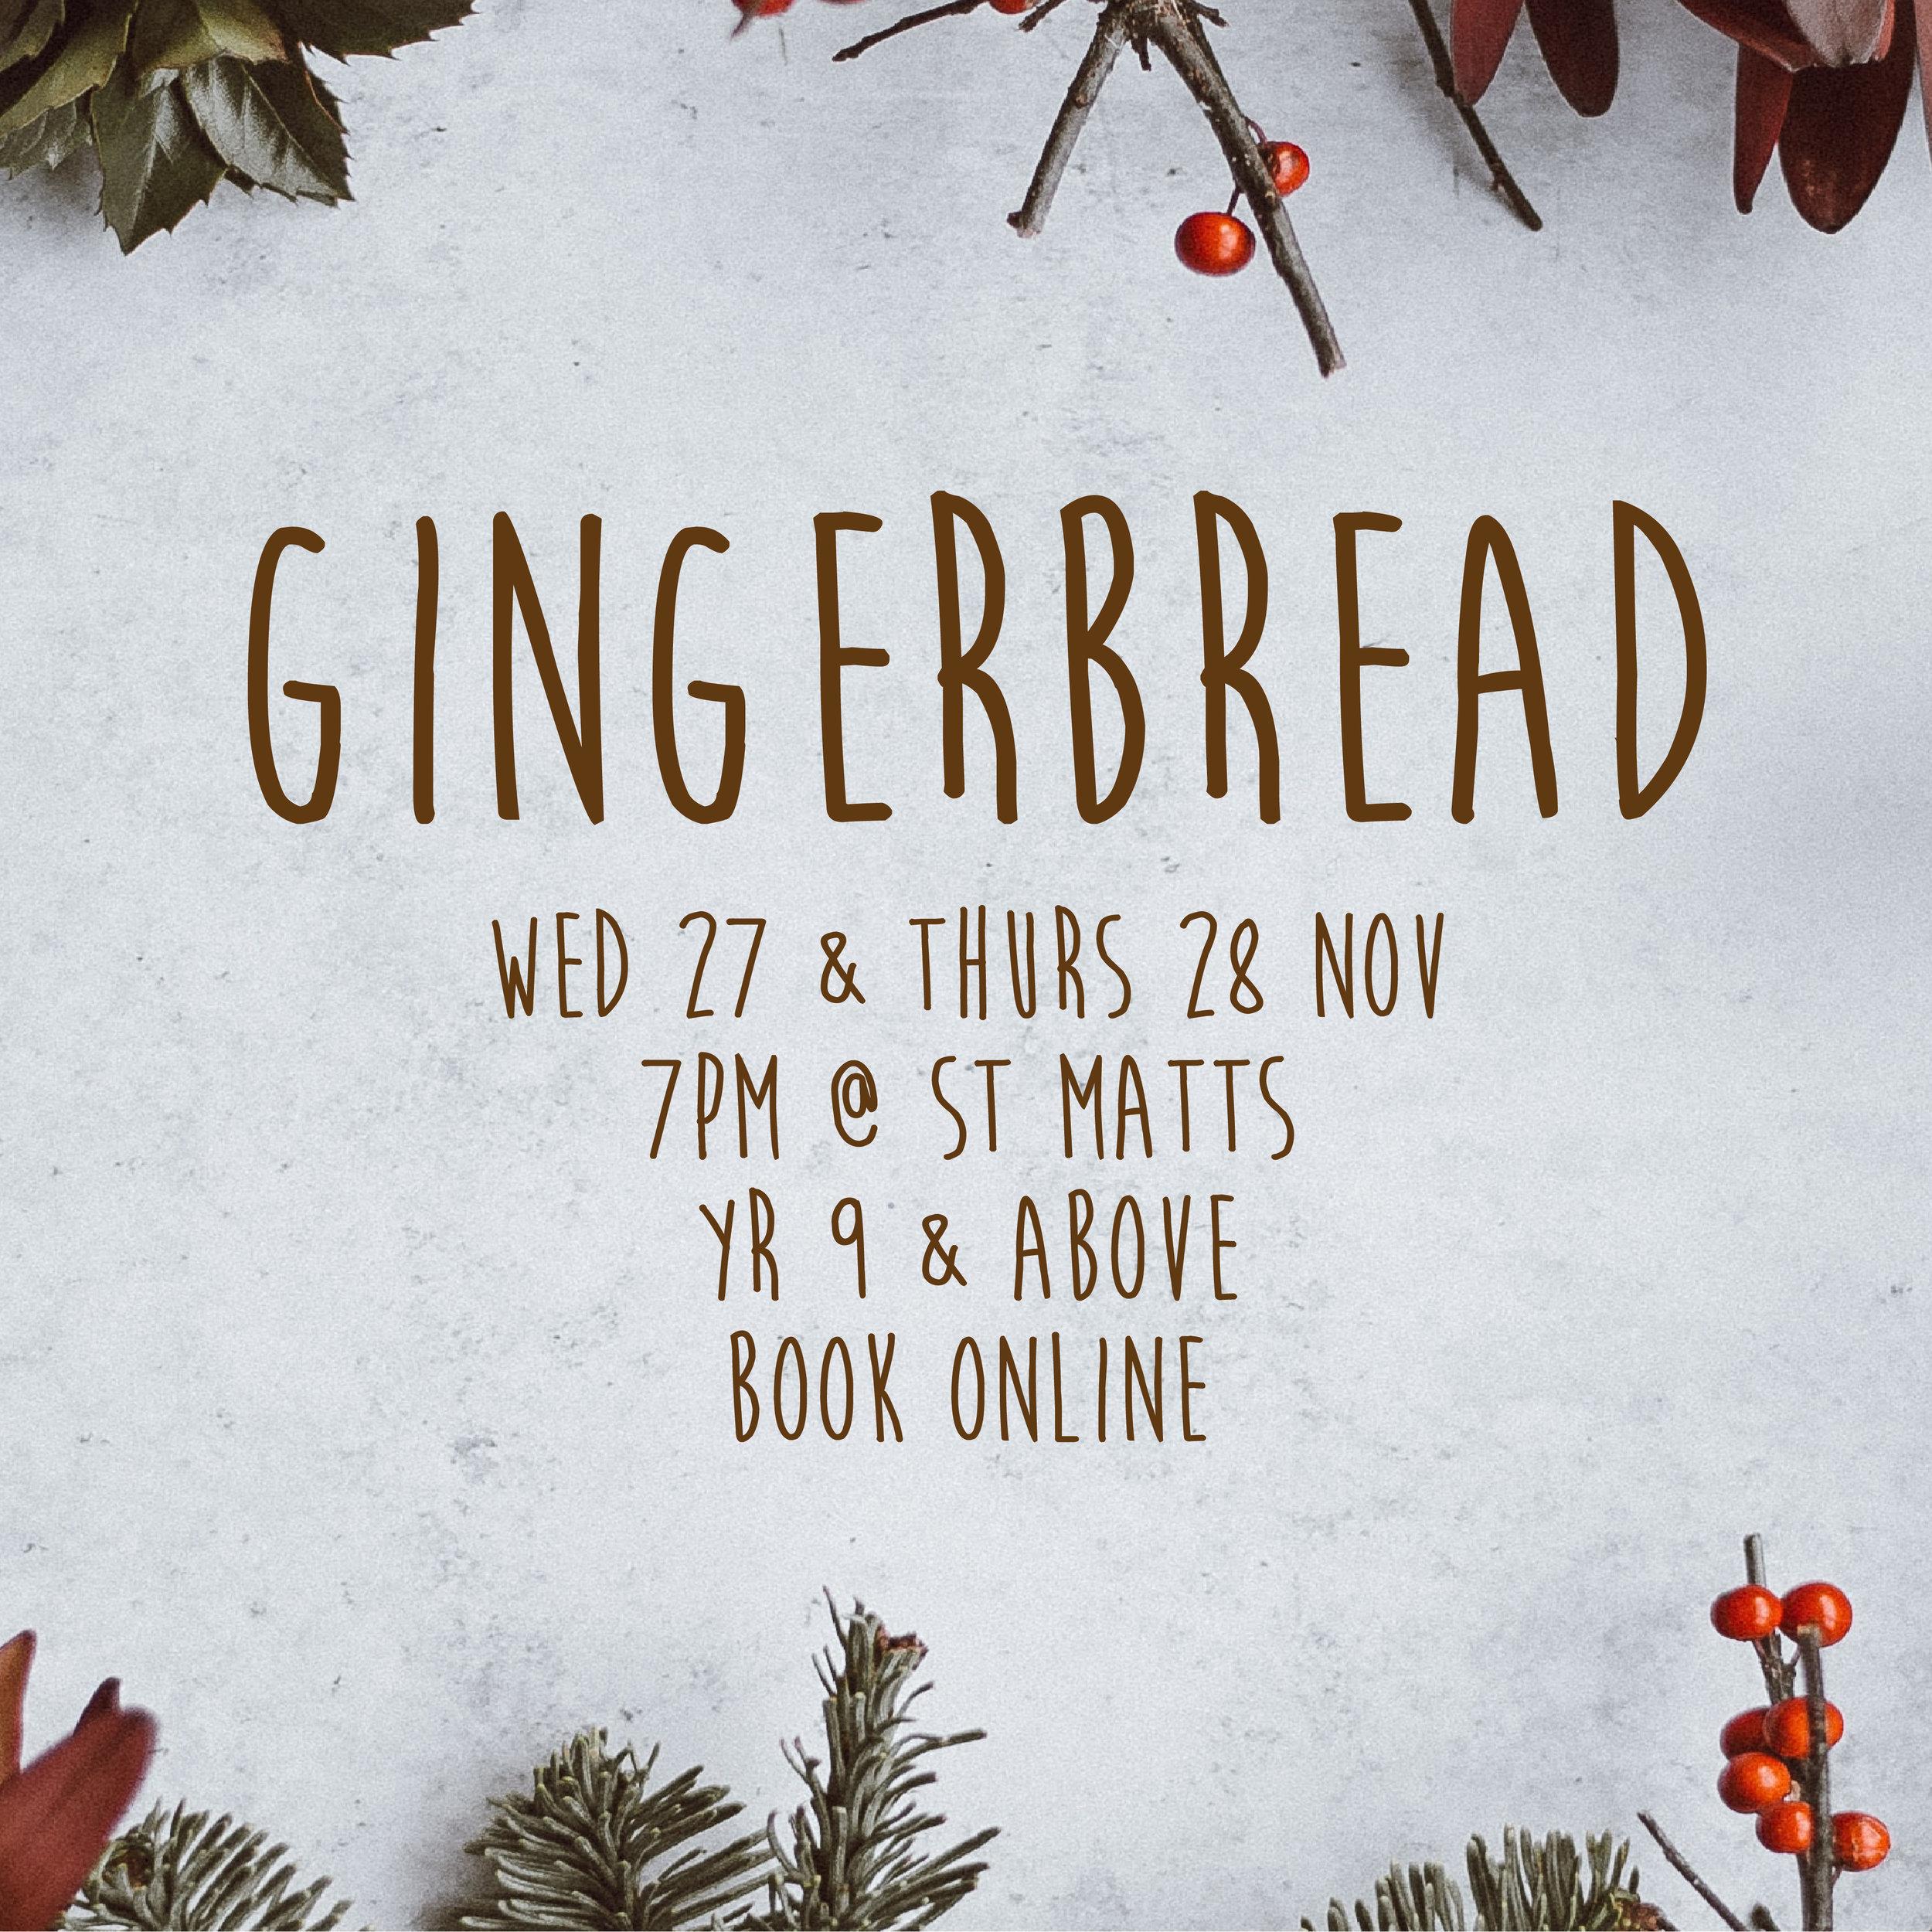 Gingerbread_SocialMedia.jpg